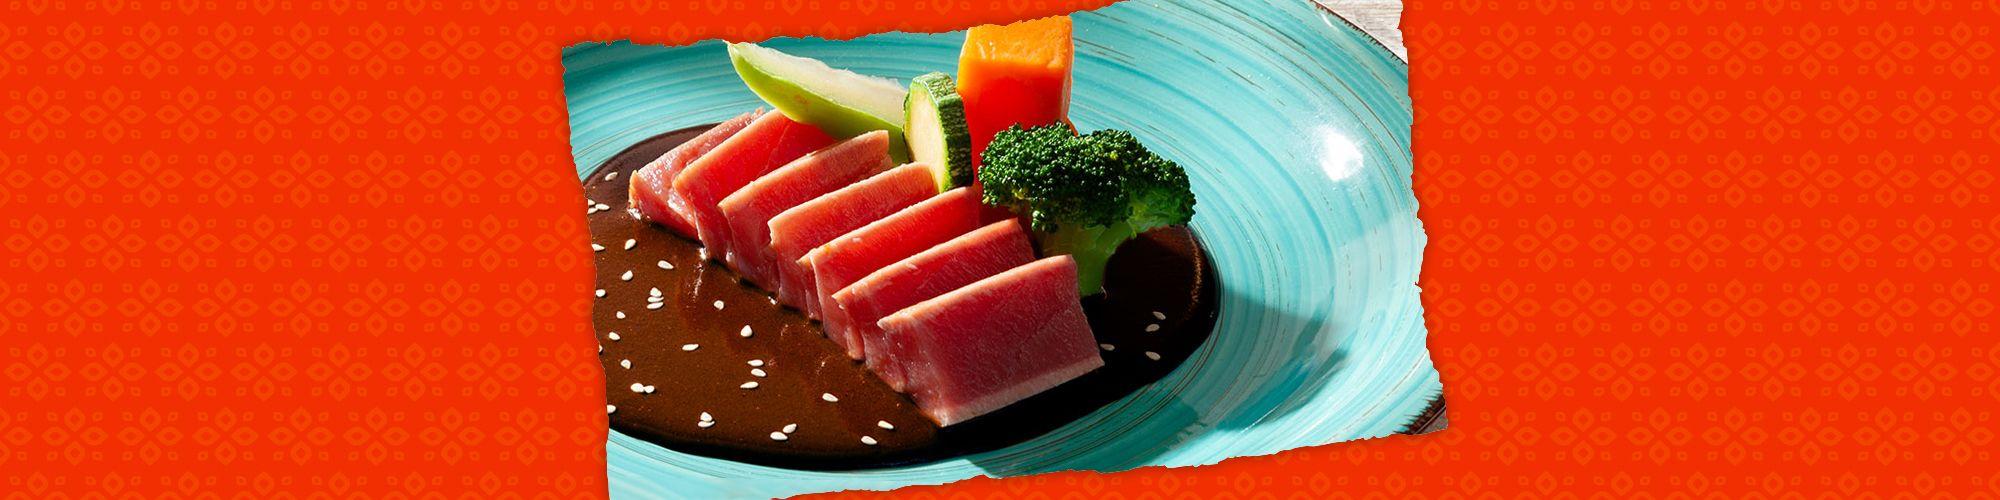 Salsas seared tuna banner